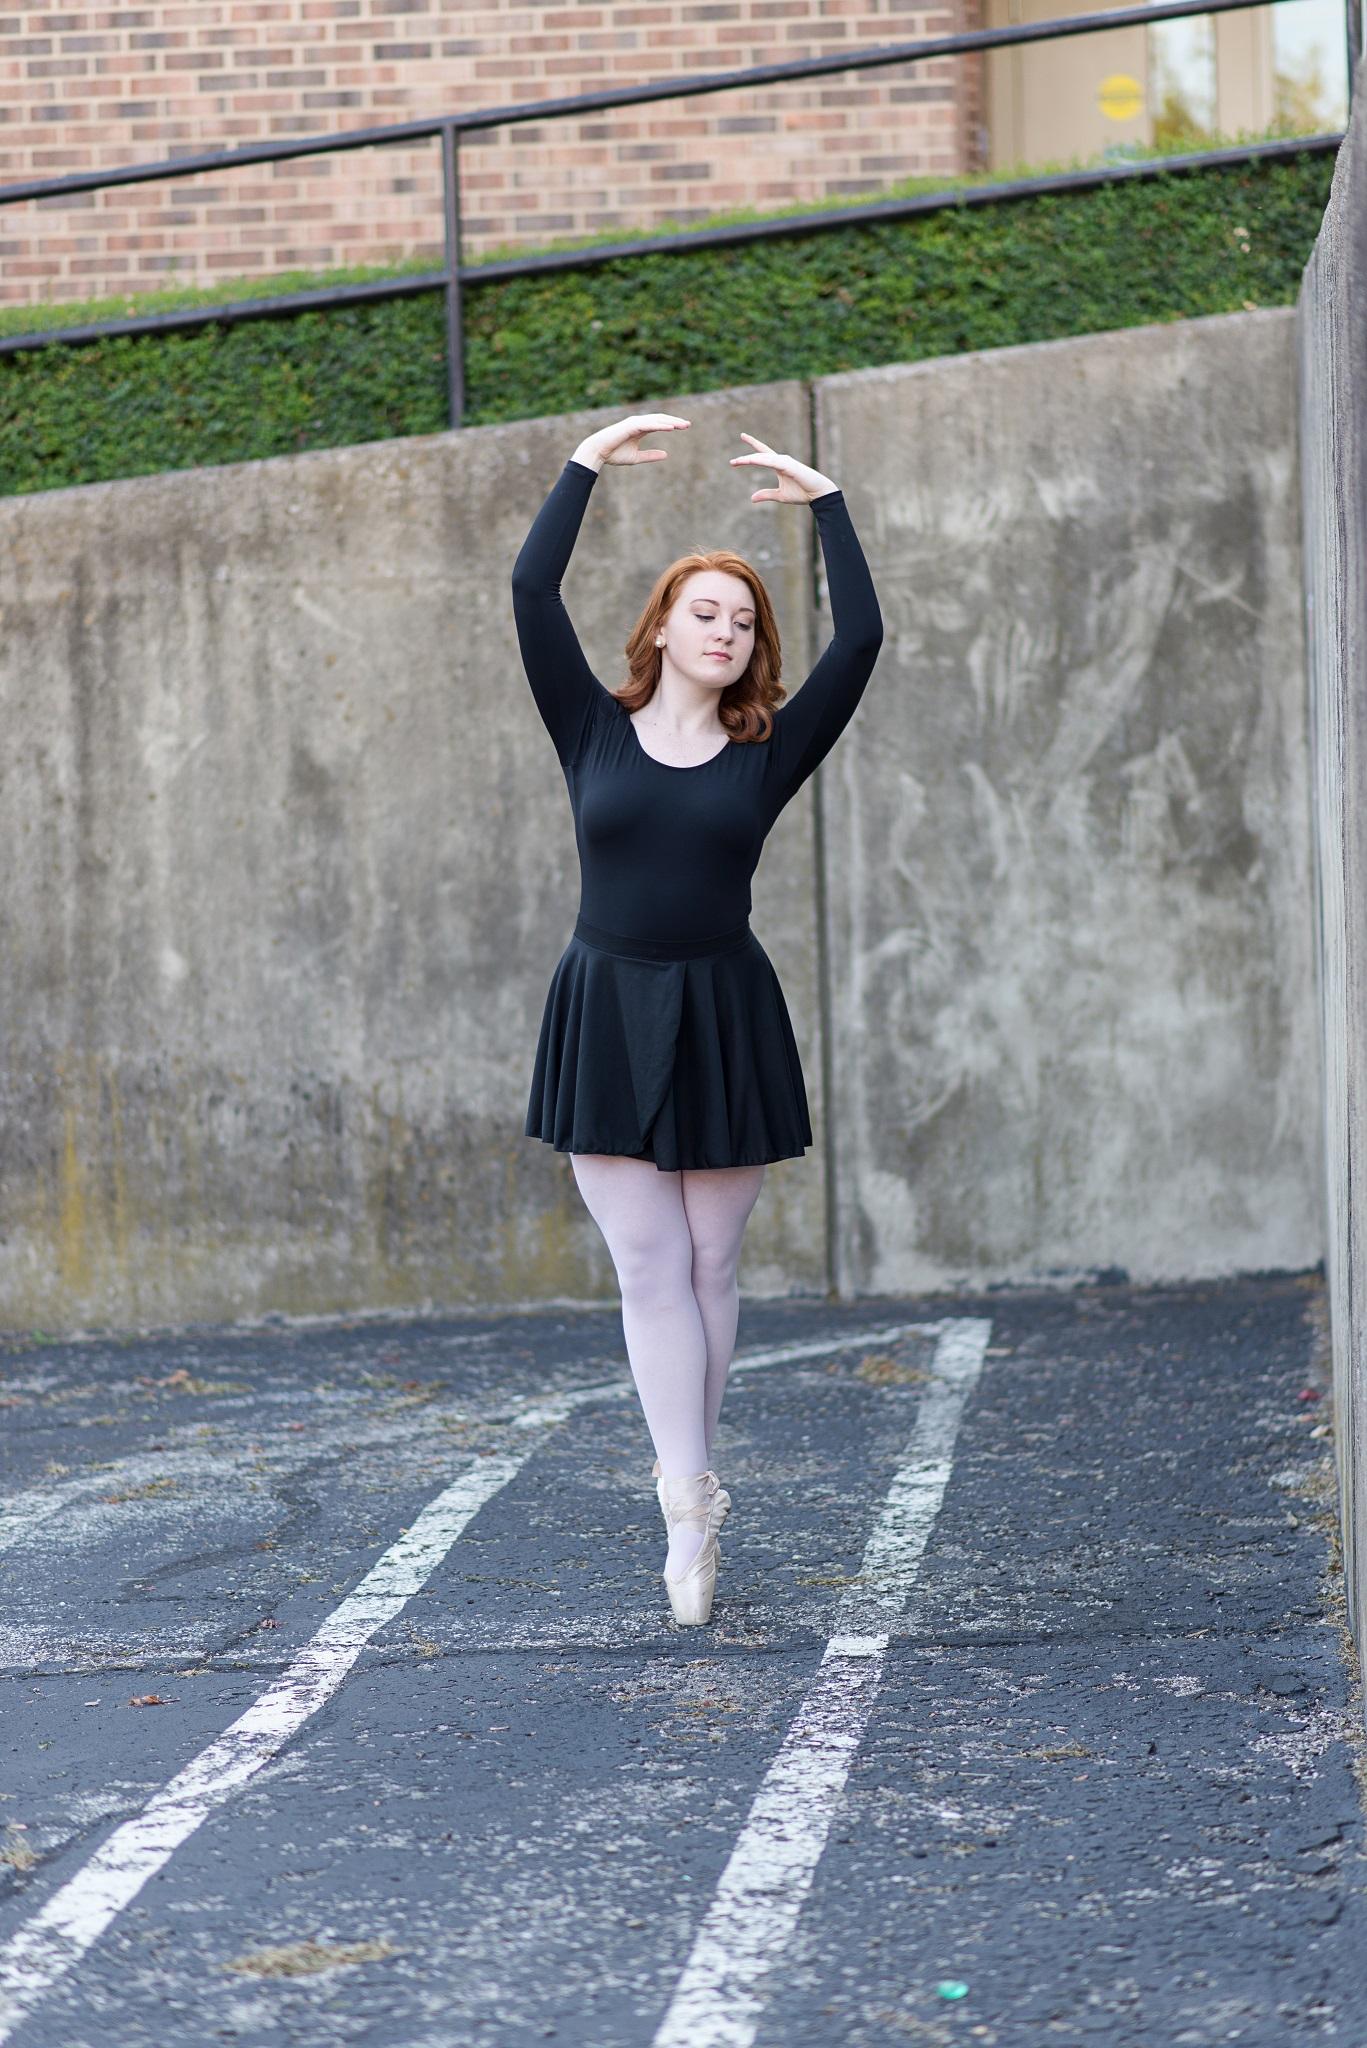 Senior photos, Kentucky senior, high school senior photos, class of 2017, Mount Sterling photographer, Kentucky ballet photos, ky ballet photographer